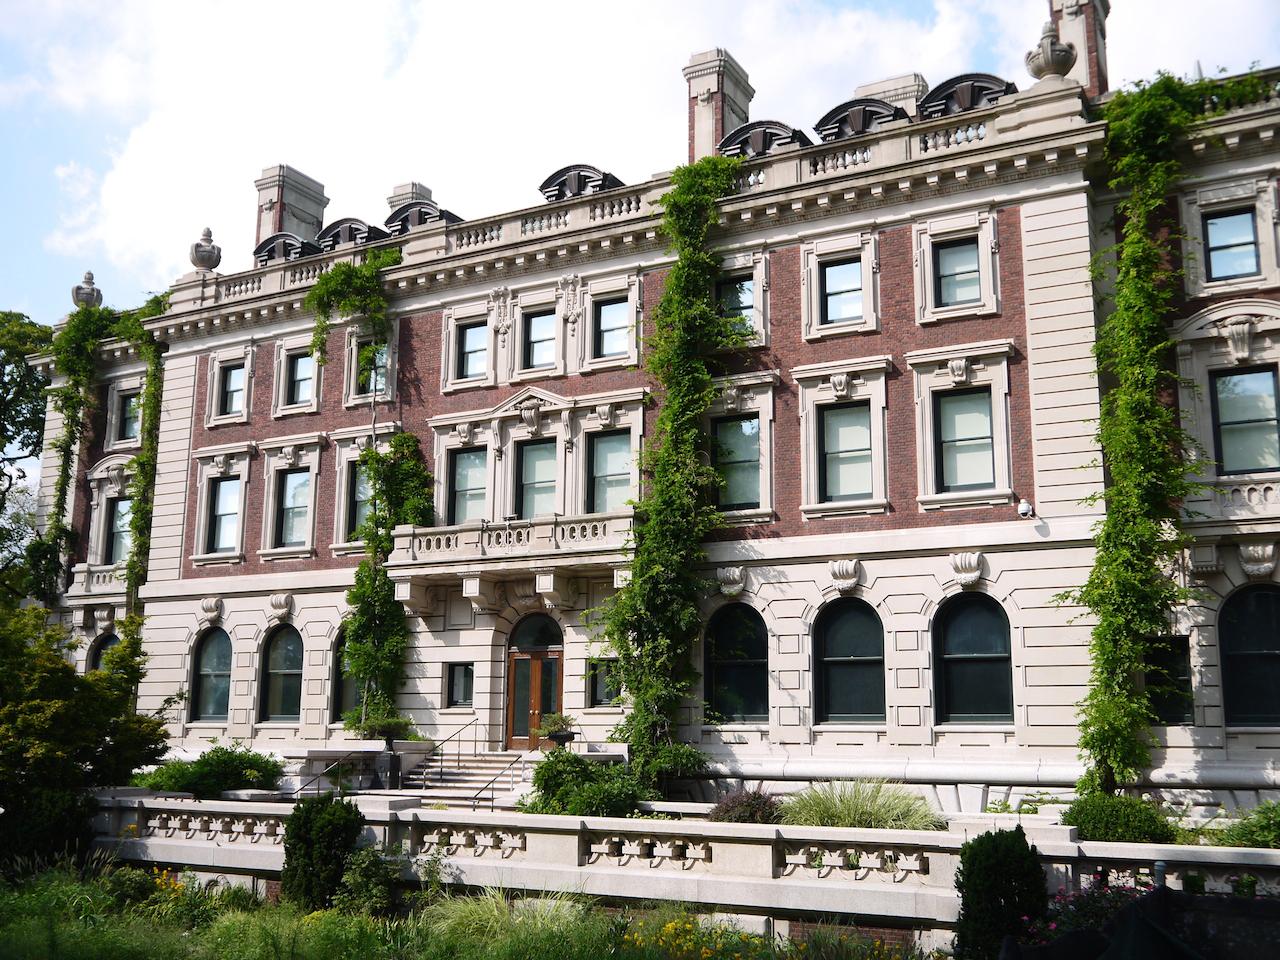 Cooper Hewitt, Smithsonian Design Museum, south facade (© Cooper Hewitt)